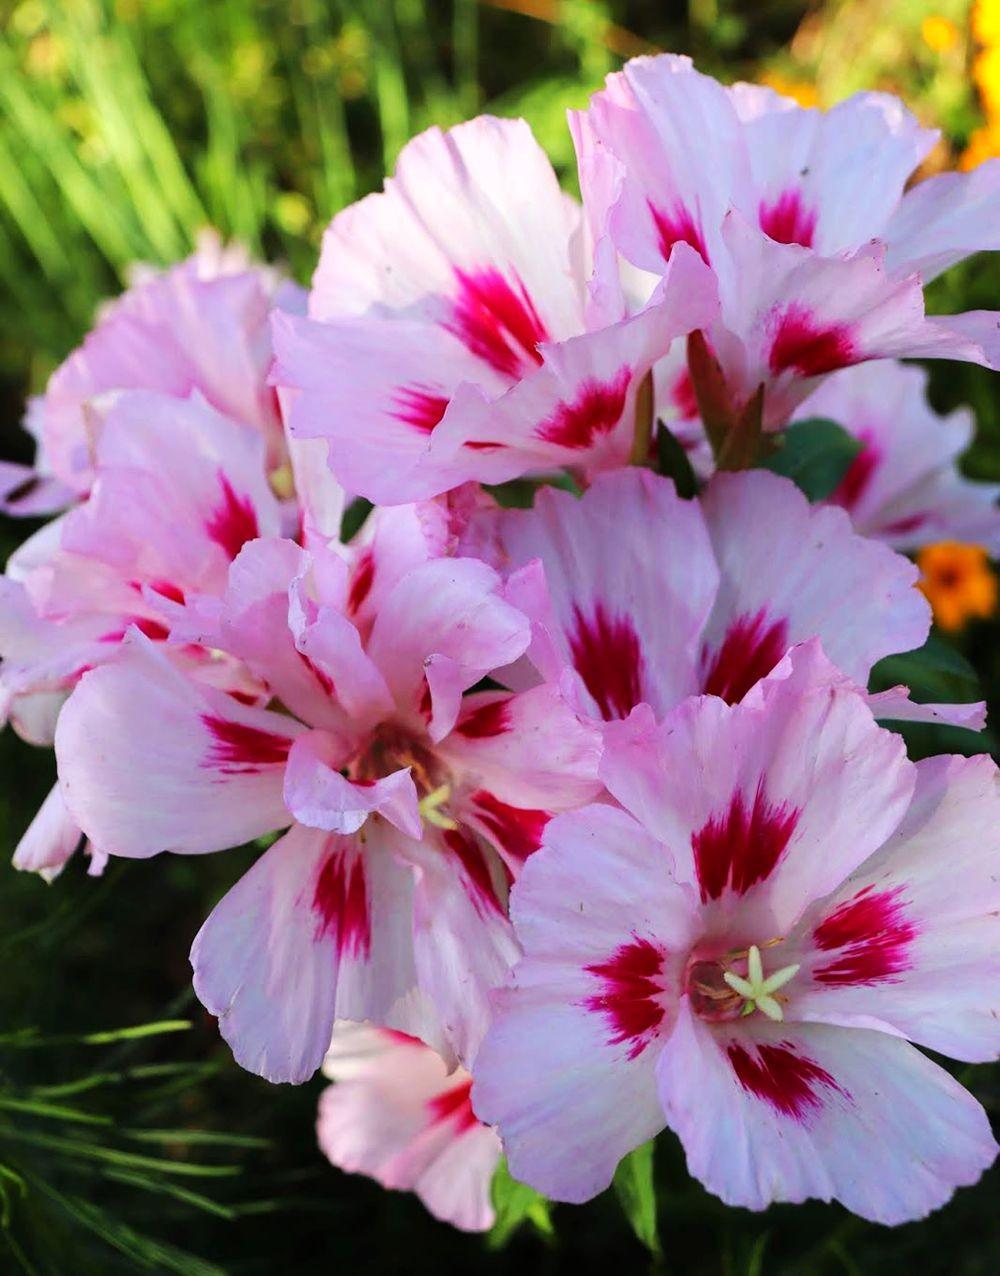 花卉日记-24_图1-2